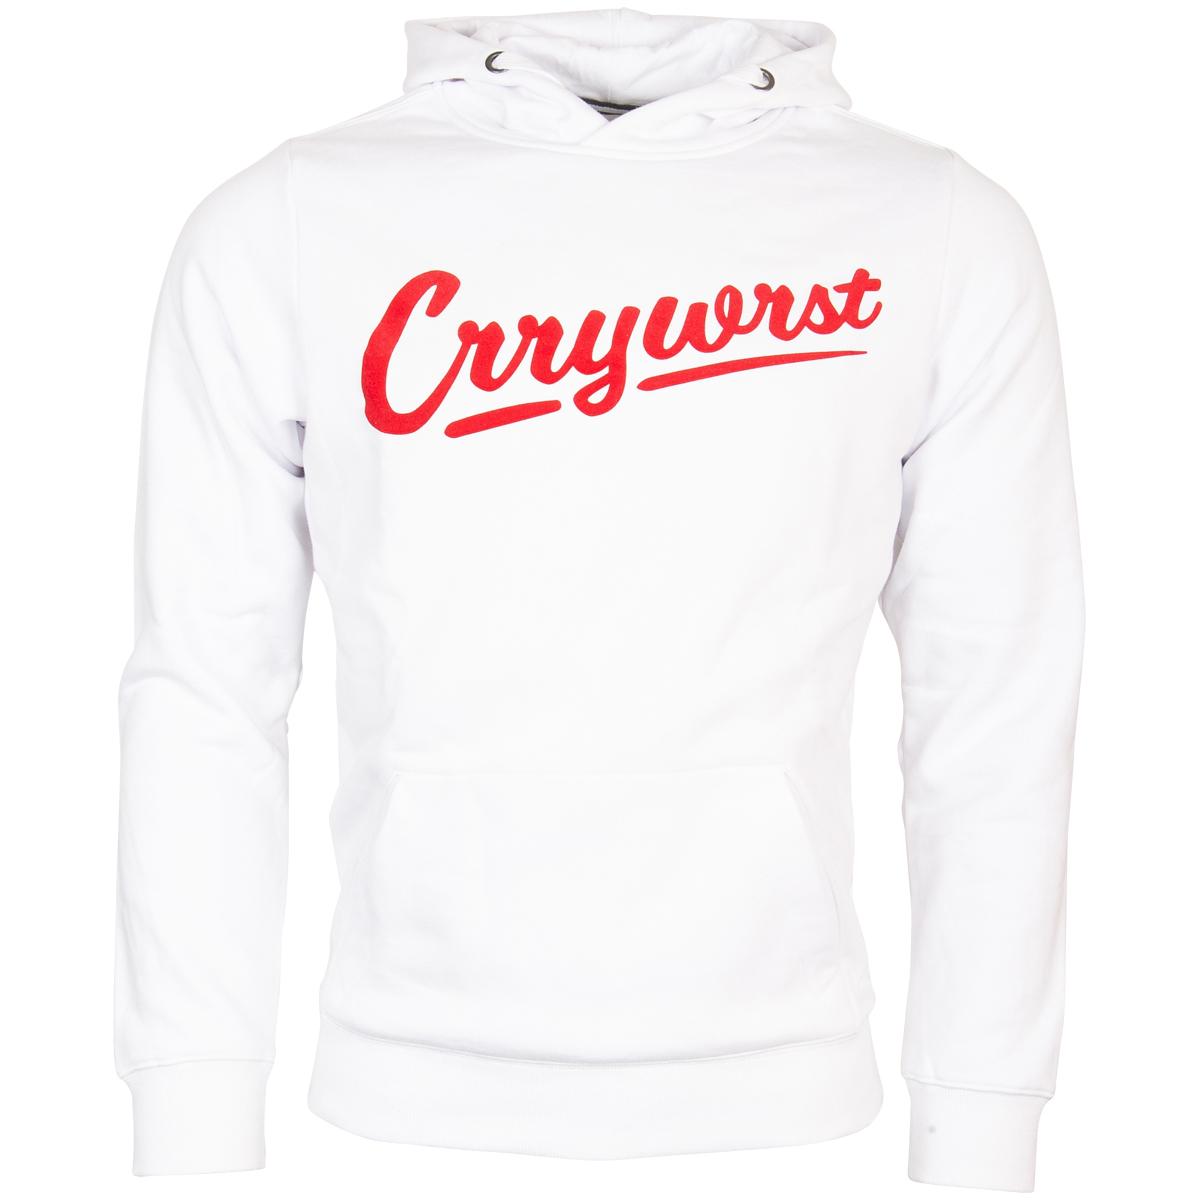 CRRYWRST - Kapuzenpullover Crrywrst - weiß